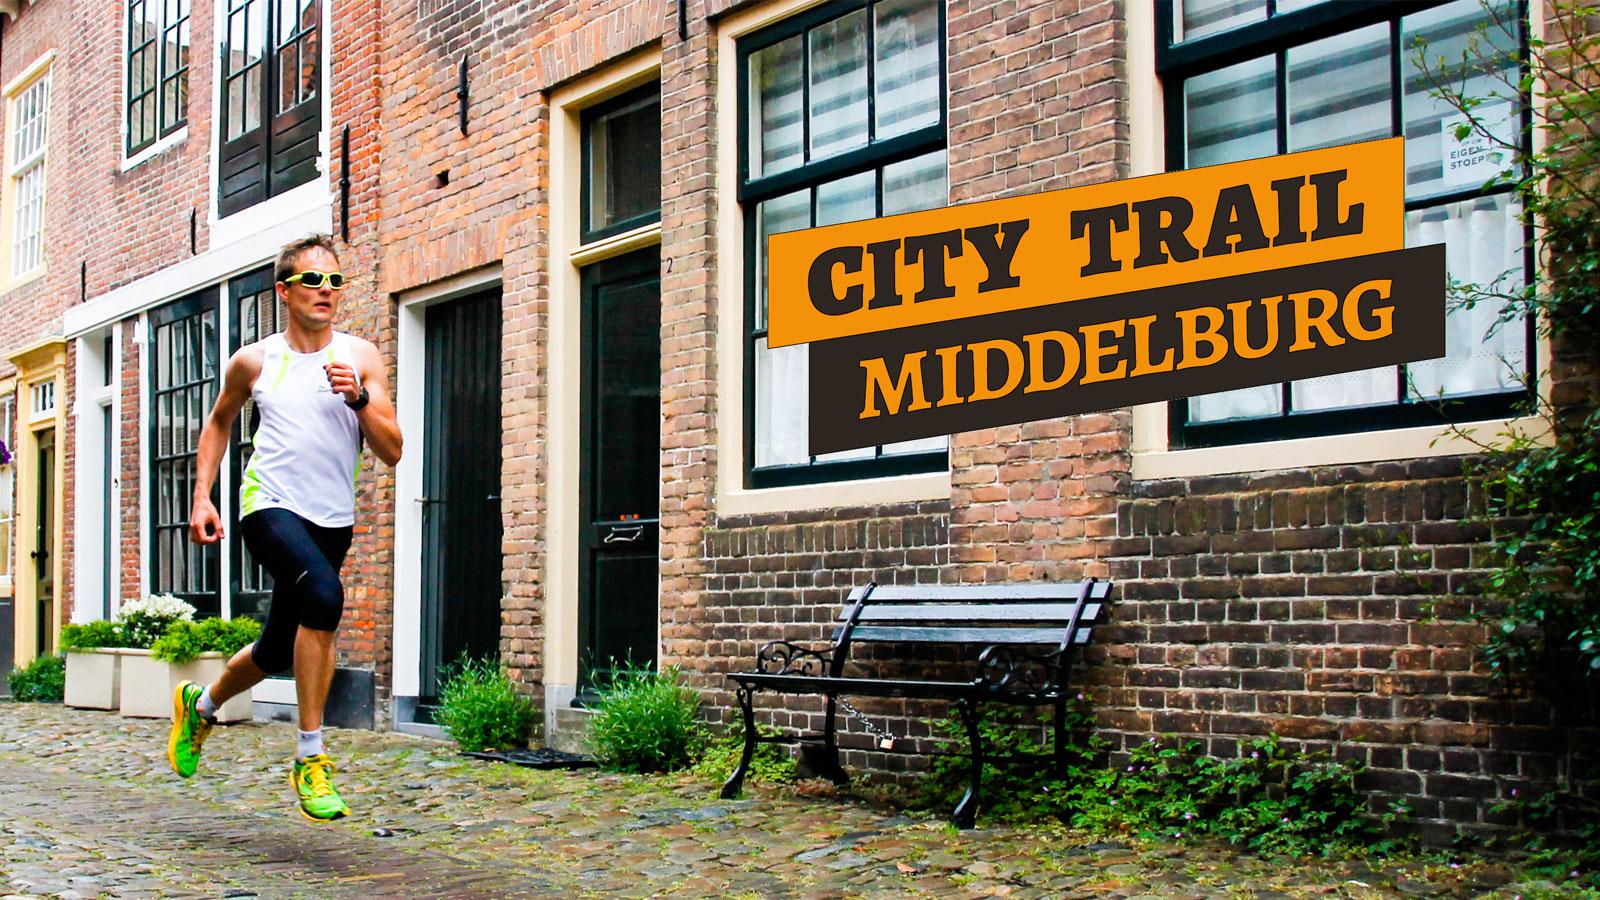 City Trail Middelburg maakt een doorstart!